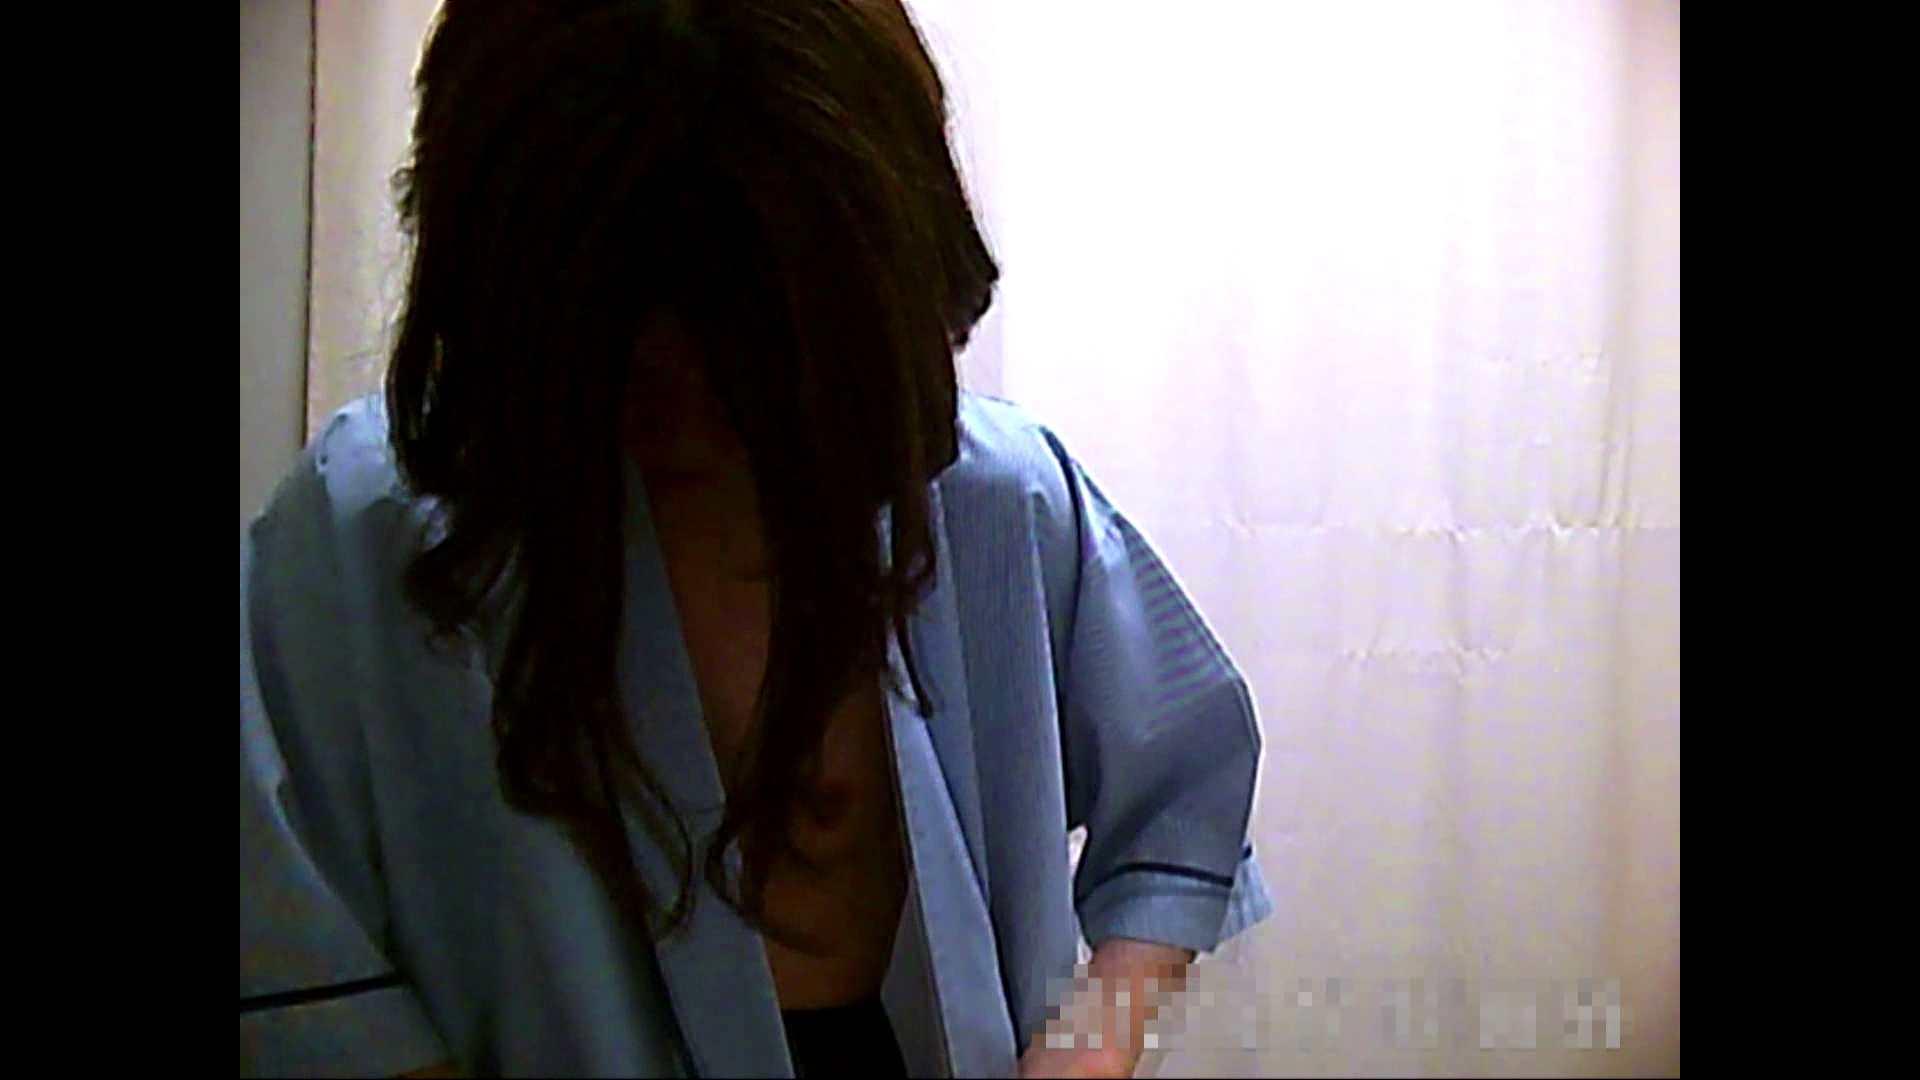 元医者による反抗 更衣室地獄絵巻 vol.054 ギャルズ オマンコ動画キャプチャ 71画像 65